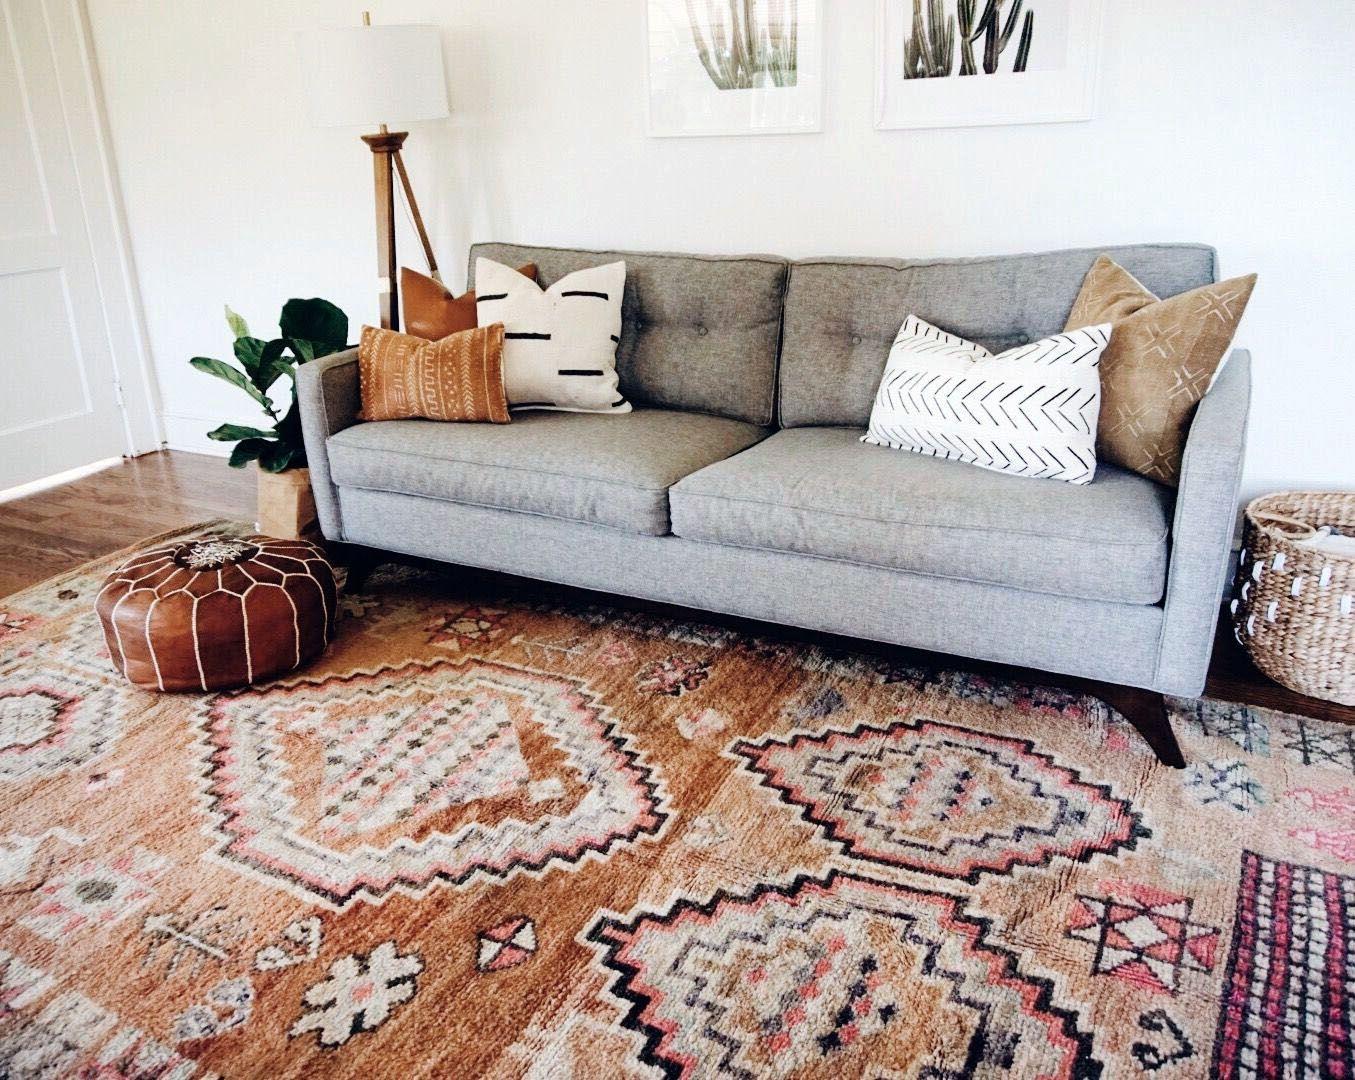 Stunning Open Plan Living Room With Delightfull Lighting Design In